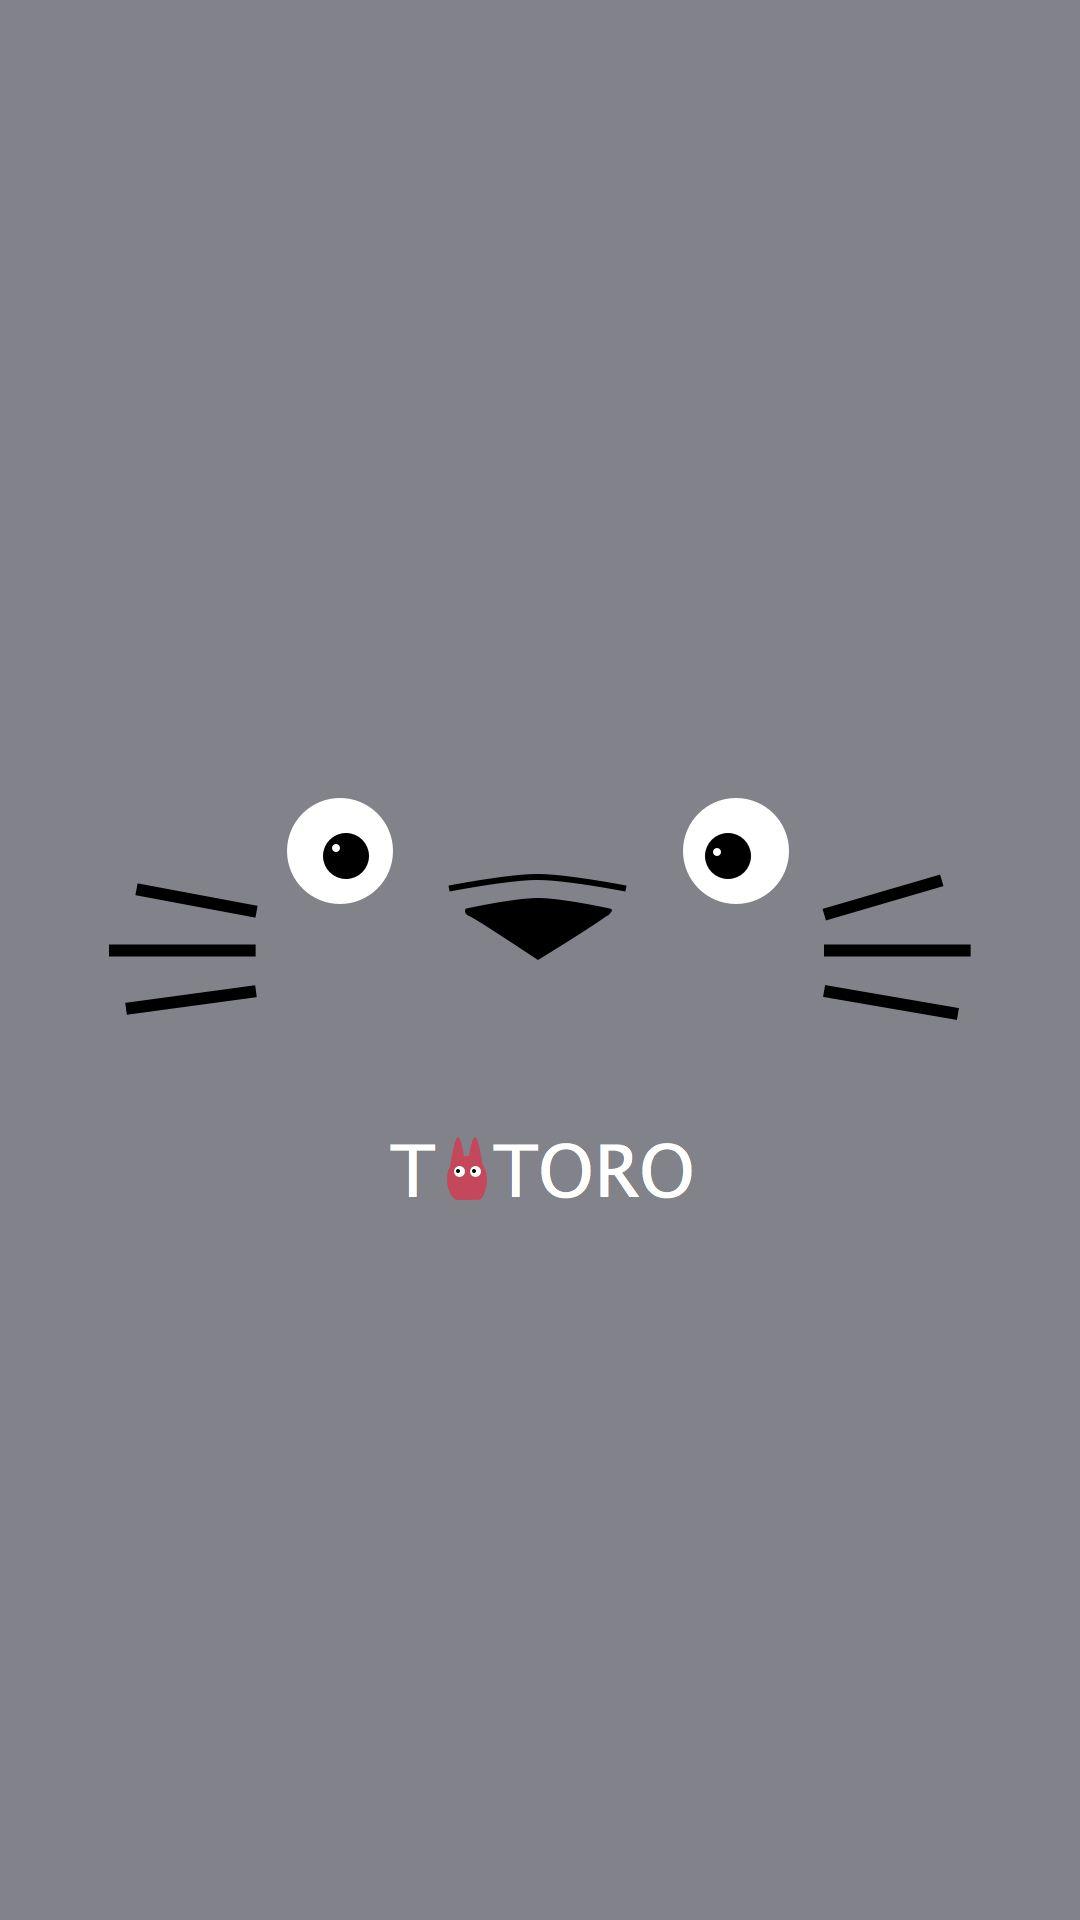 ジブリ壁紙 トトロのお洒落なiphone壁紙 漫画の壁紙 トトロ ジブリ